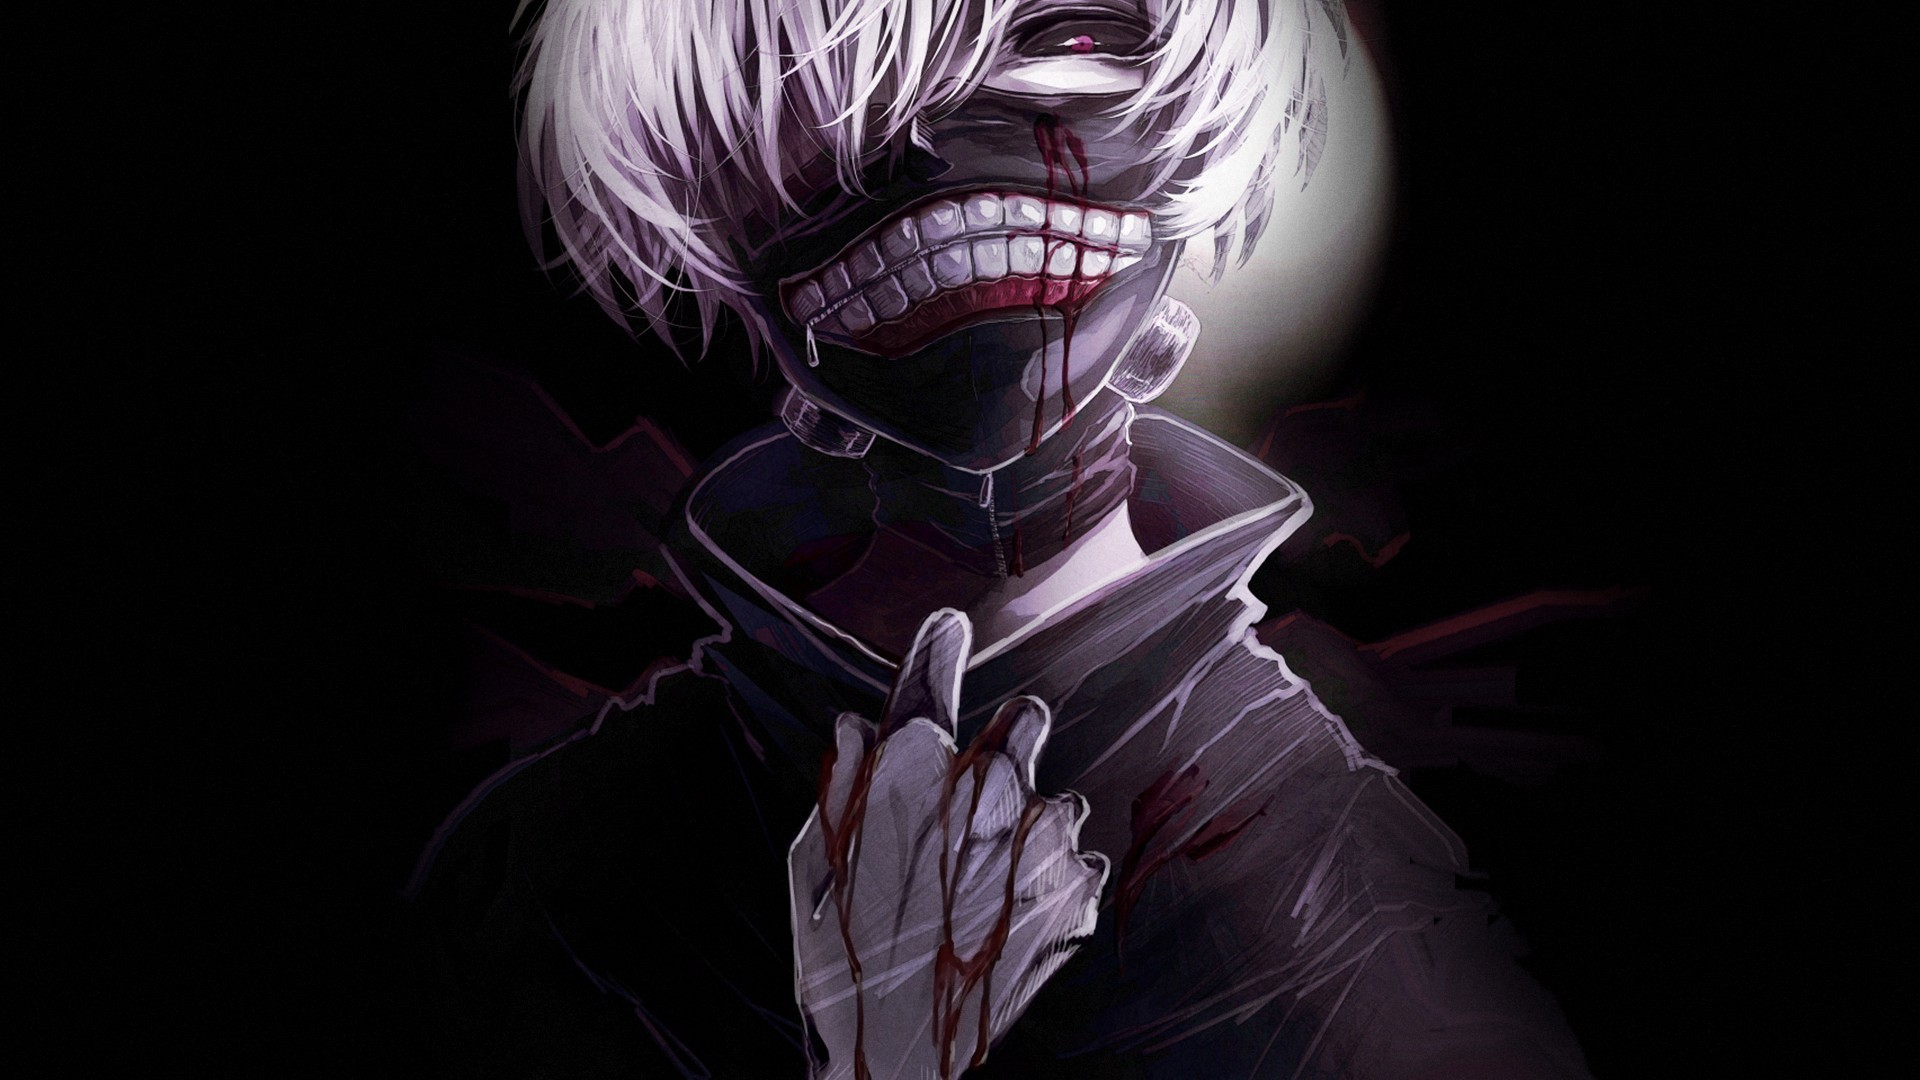 Tokyo Ghoul Ken Kaneki One-Eyed Ghoul Wearing Leather Mask HD wallpaper for  free